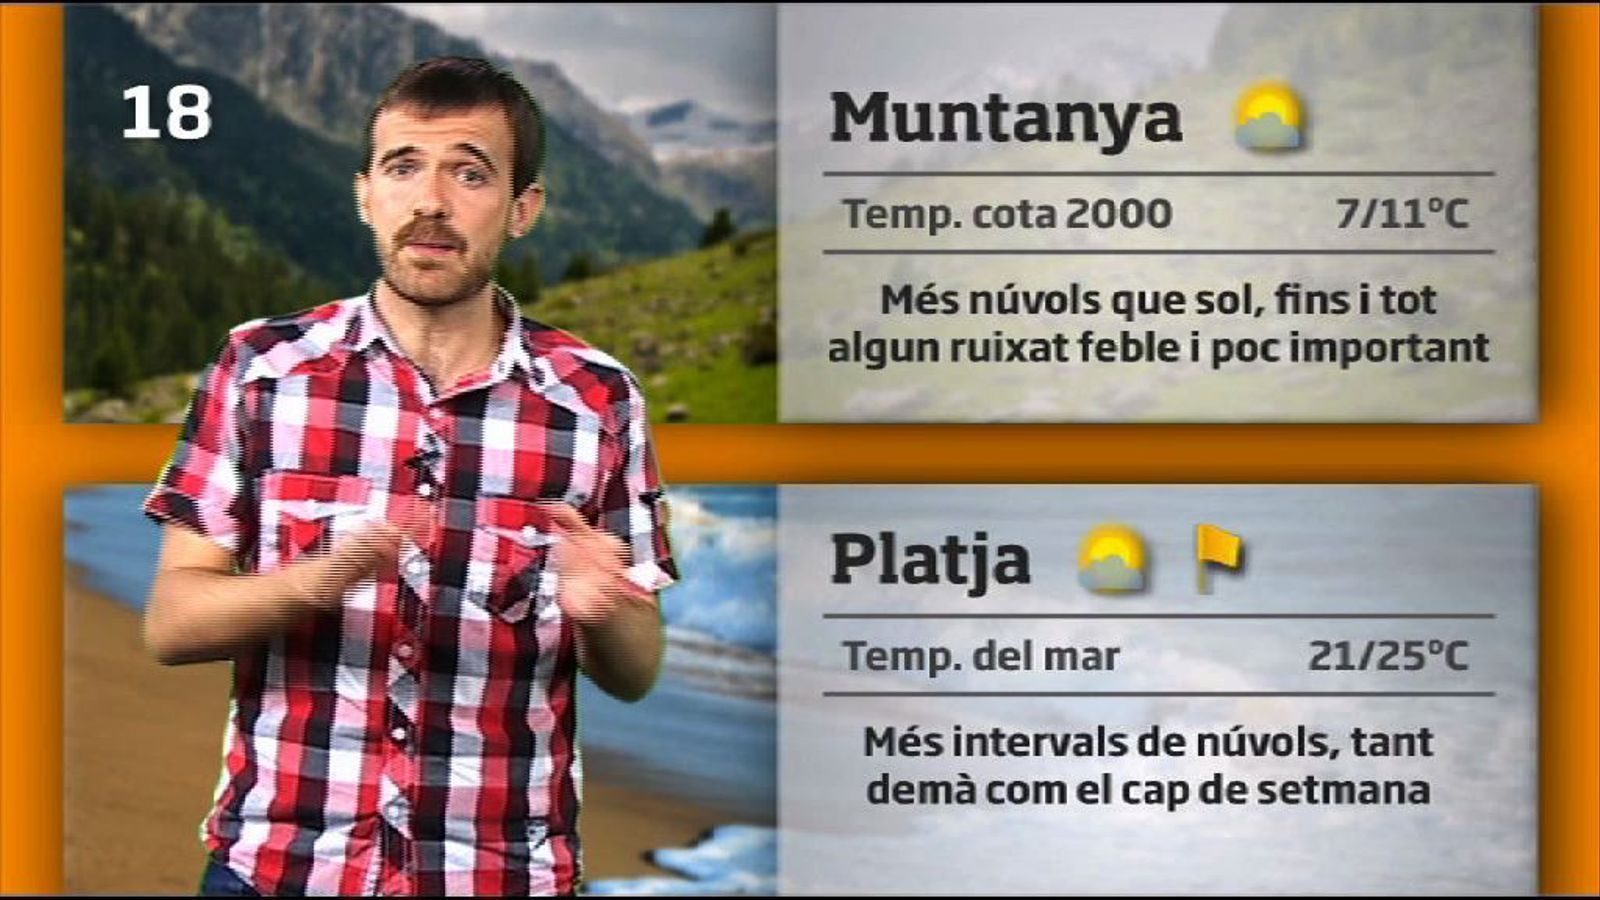 La méteo en 1 minut: més núvols i poca calor (20/07/2011)